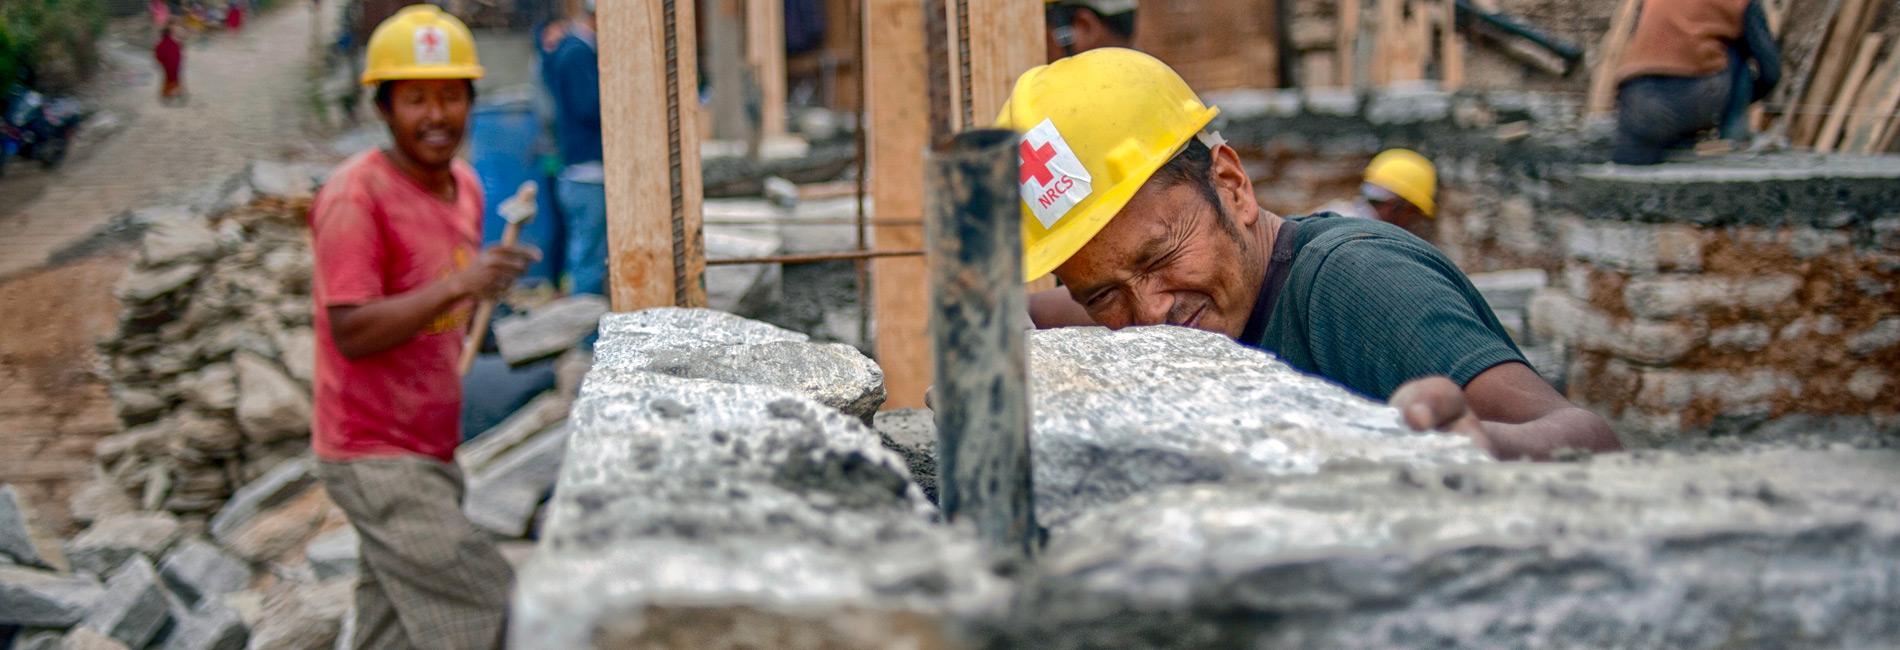 Erdbebenhilfe: Ein nepalesischer Rotkreuzmitarbeiter prüft die Ausrichtung einer Wand.